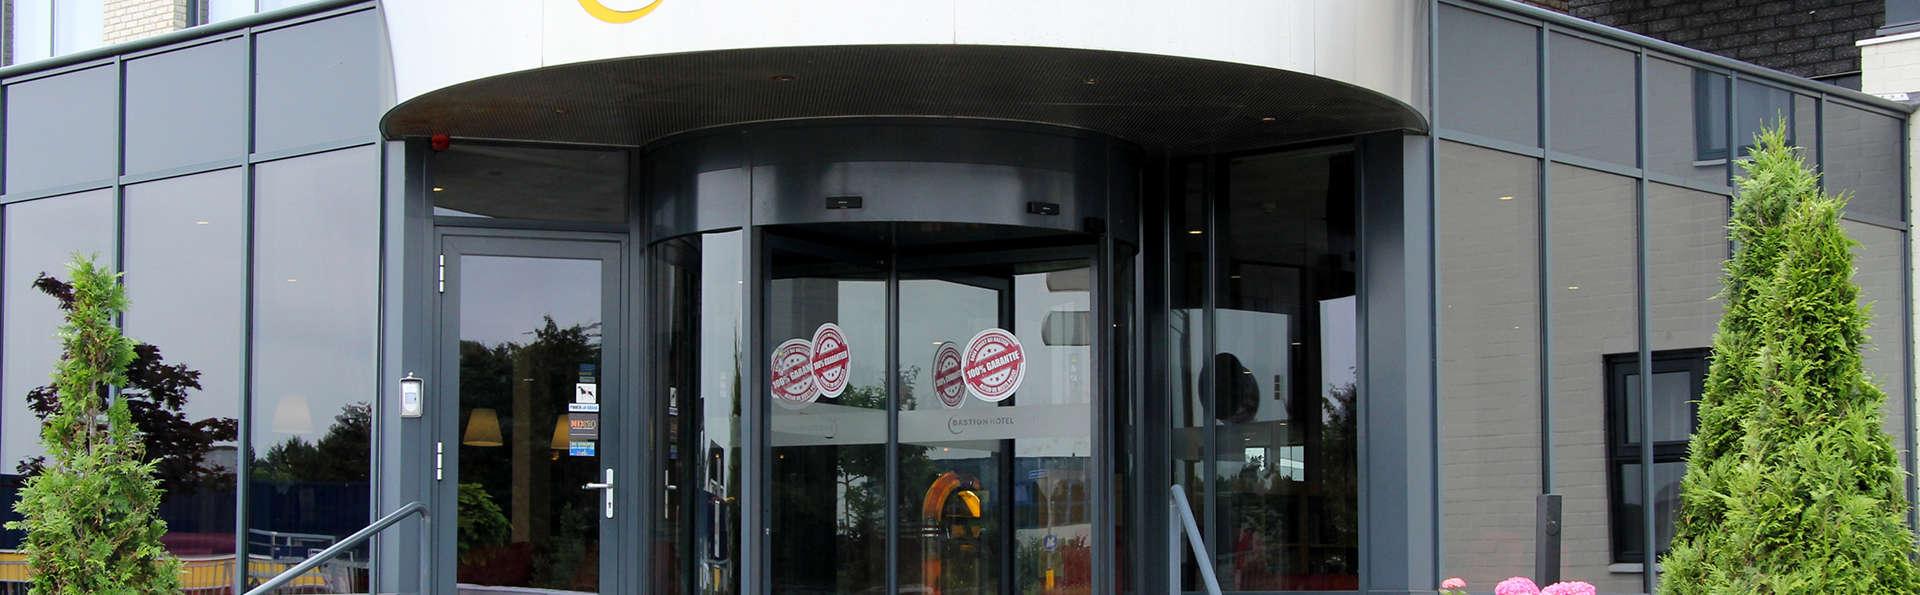 Bastion Hotel Groningen - edit_front2.jpg